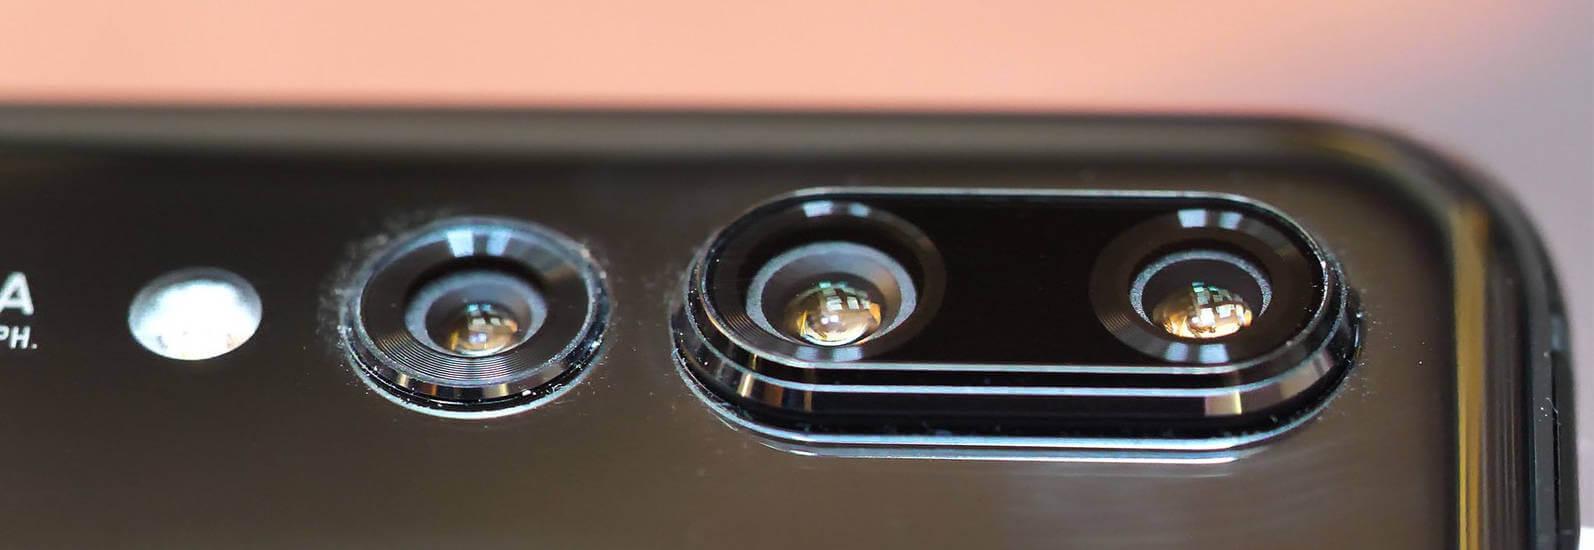 Рейтинг камерофонов DxOMark: Huawei P20 Pro и HTC U12+